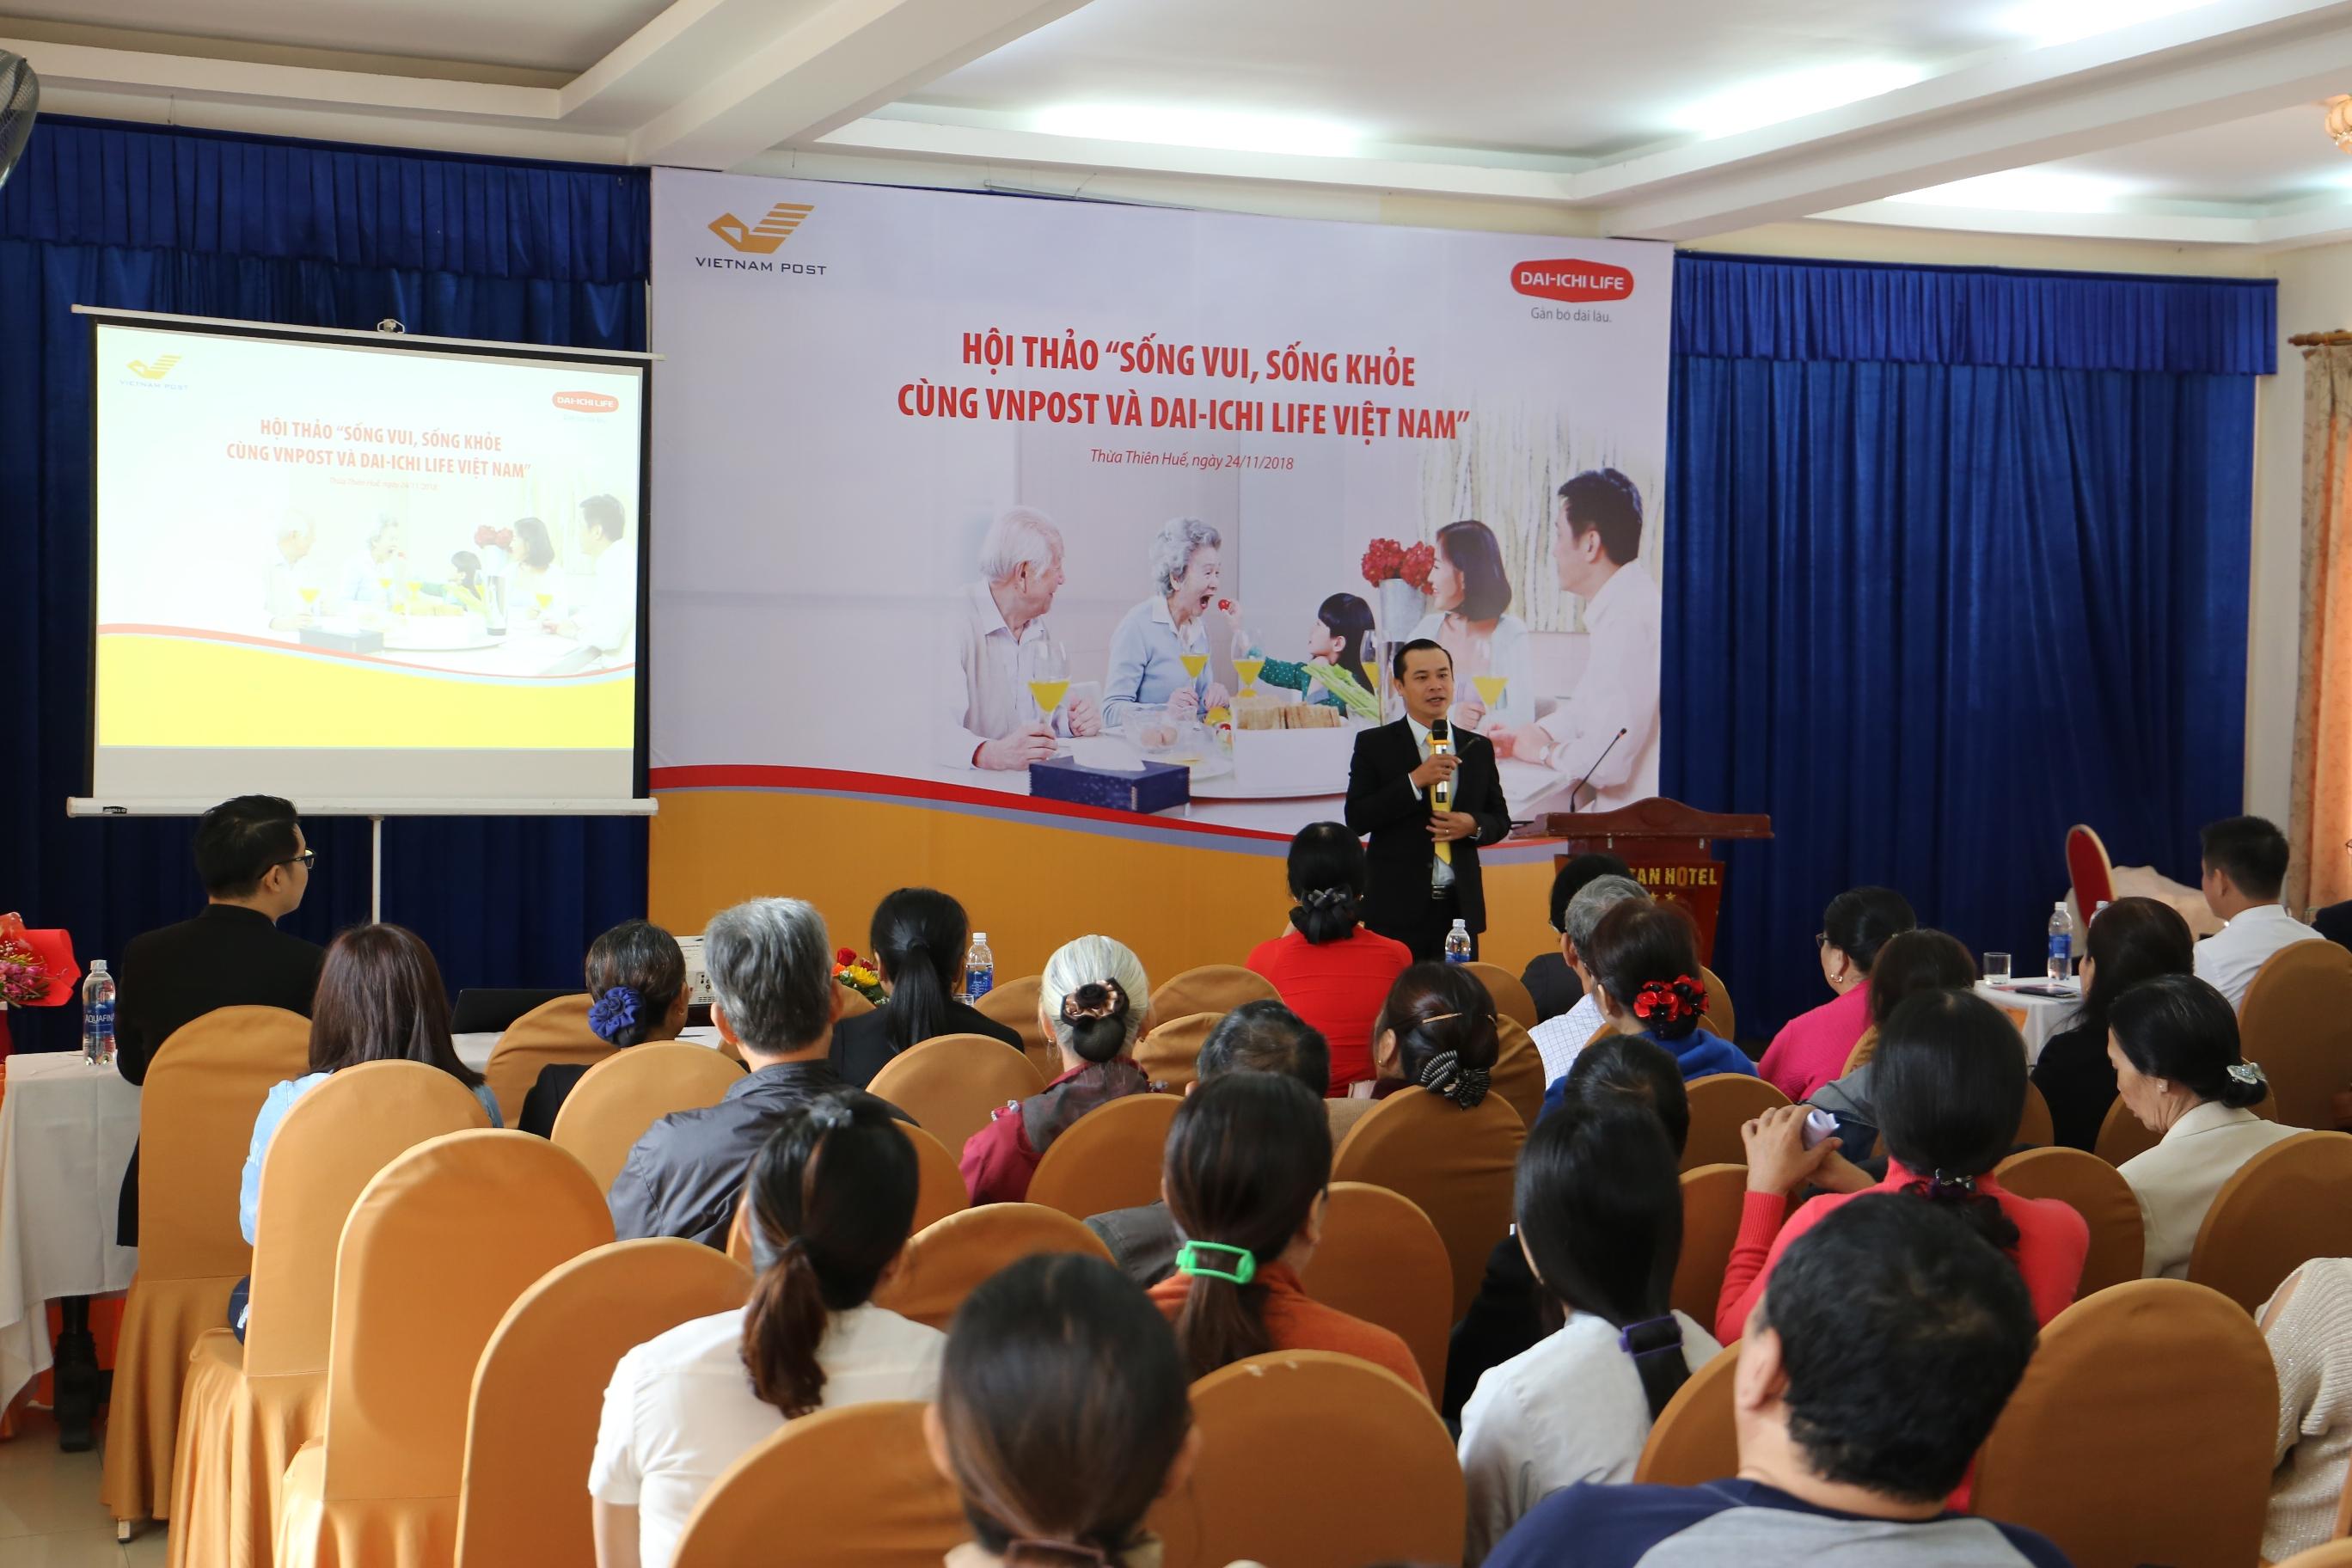 Dai-ichi Life Việt Nam và VNPost phối hợp tổ chức Hội thảo sức